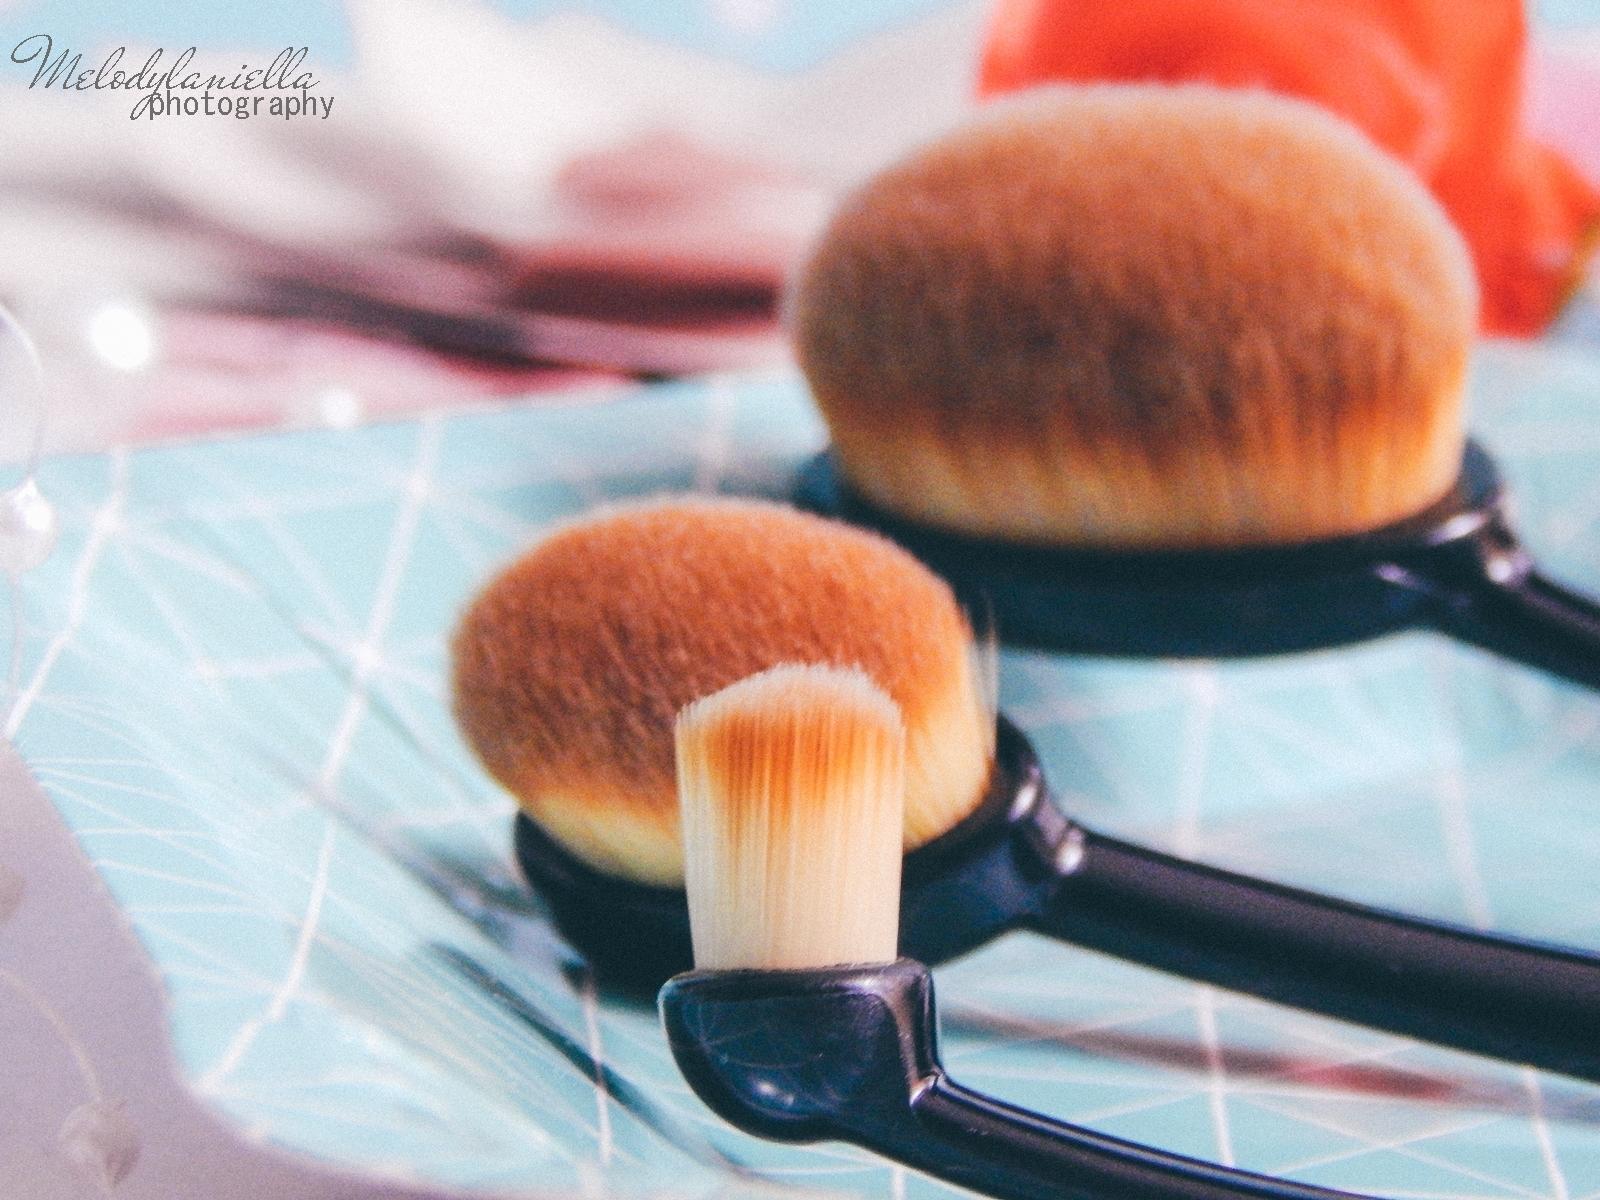 4 clavier gąbka do makijażu blending sponge szczoteczka do aplikacji cieni bazy korektora rozświetlacza bronzera silikonowa gąbeczka do makijażu czym się malować akcesoria kosmetyczne pędzle do makijażu gąbki